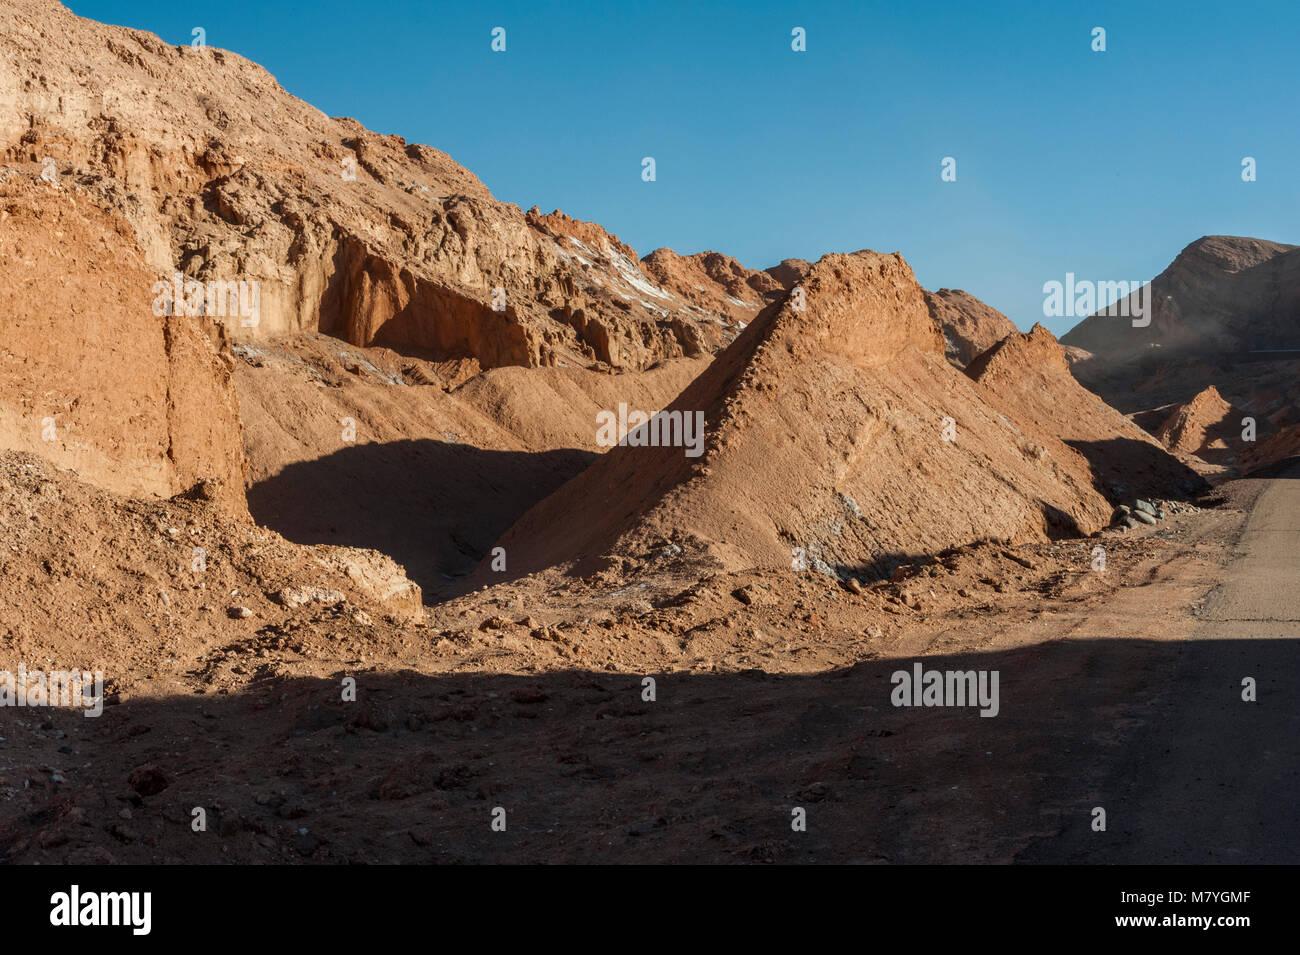 Vue de la Cordillera de la Sal, sel blanc émergeant de la roche saline, montagnes dans le désert d'Atacama, Chili Banque D'Images